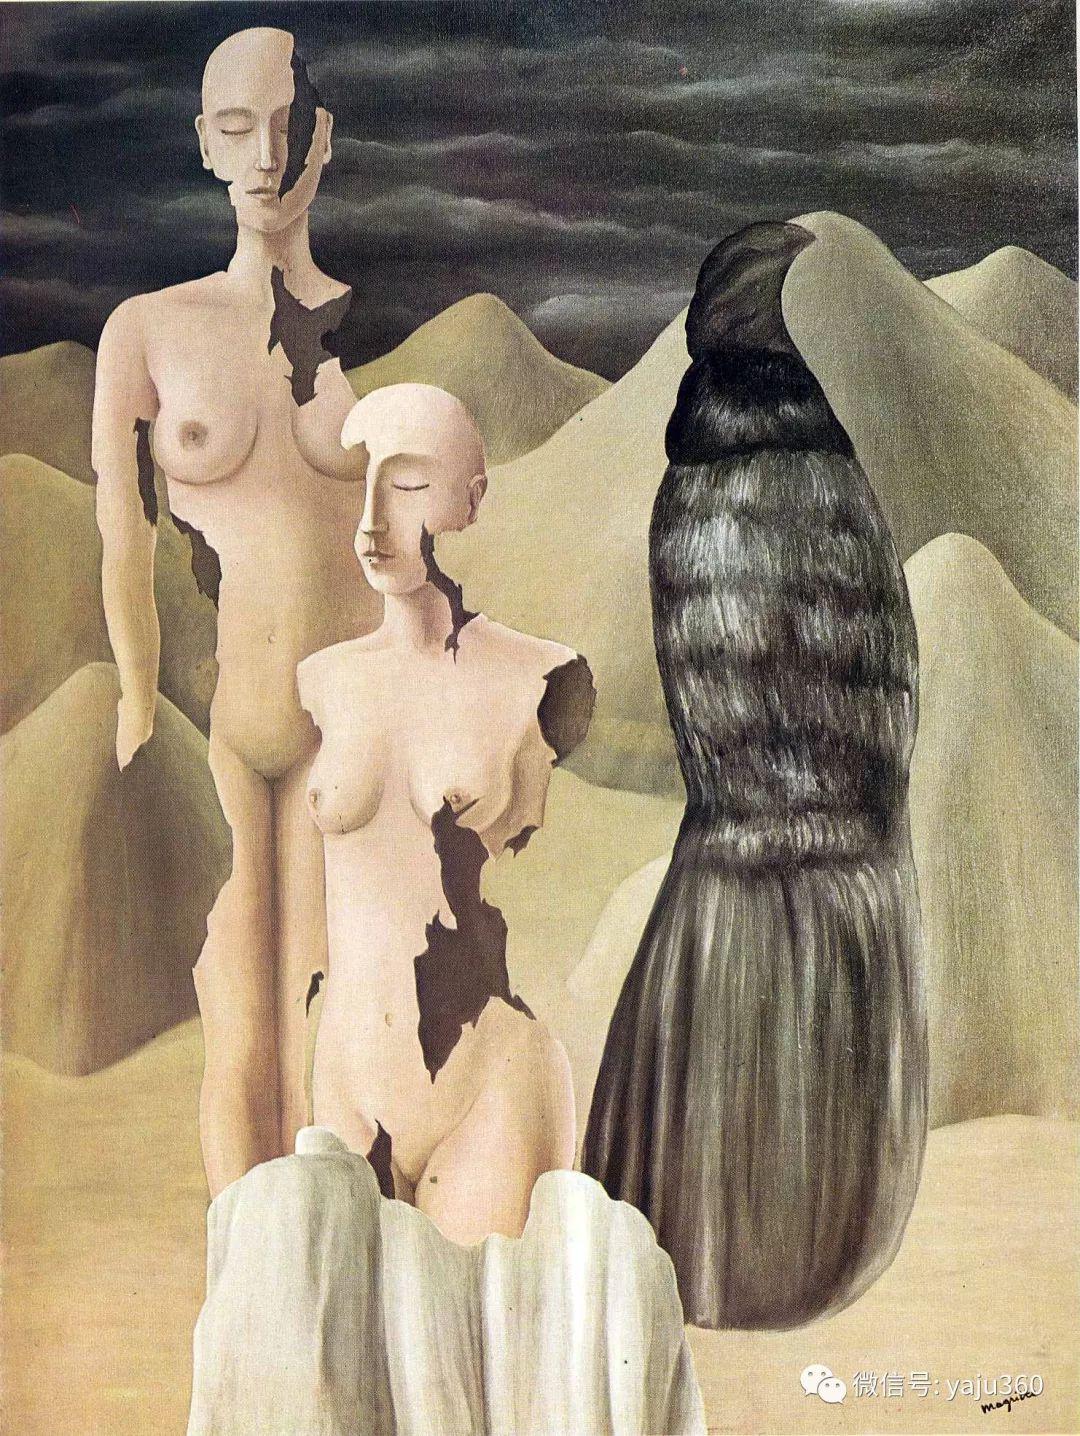 超现实主义 比利时画家Rene Magritte插图39